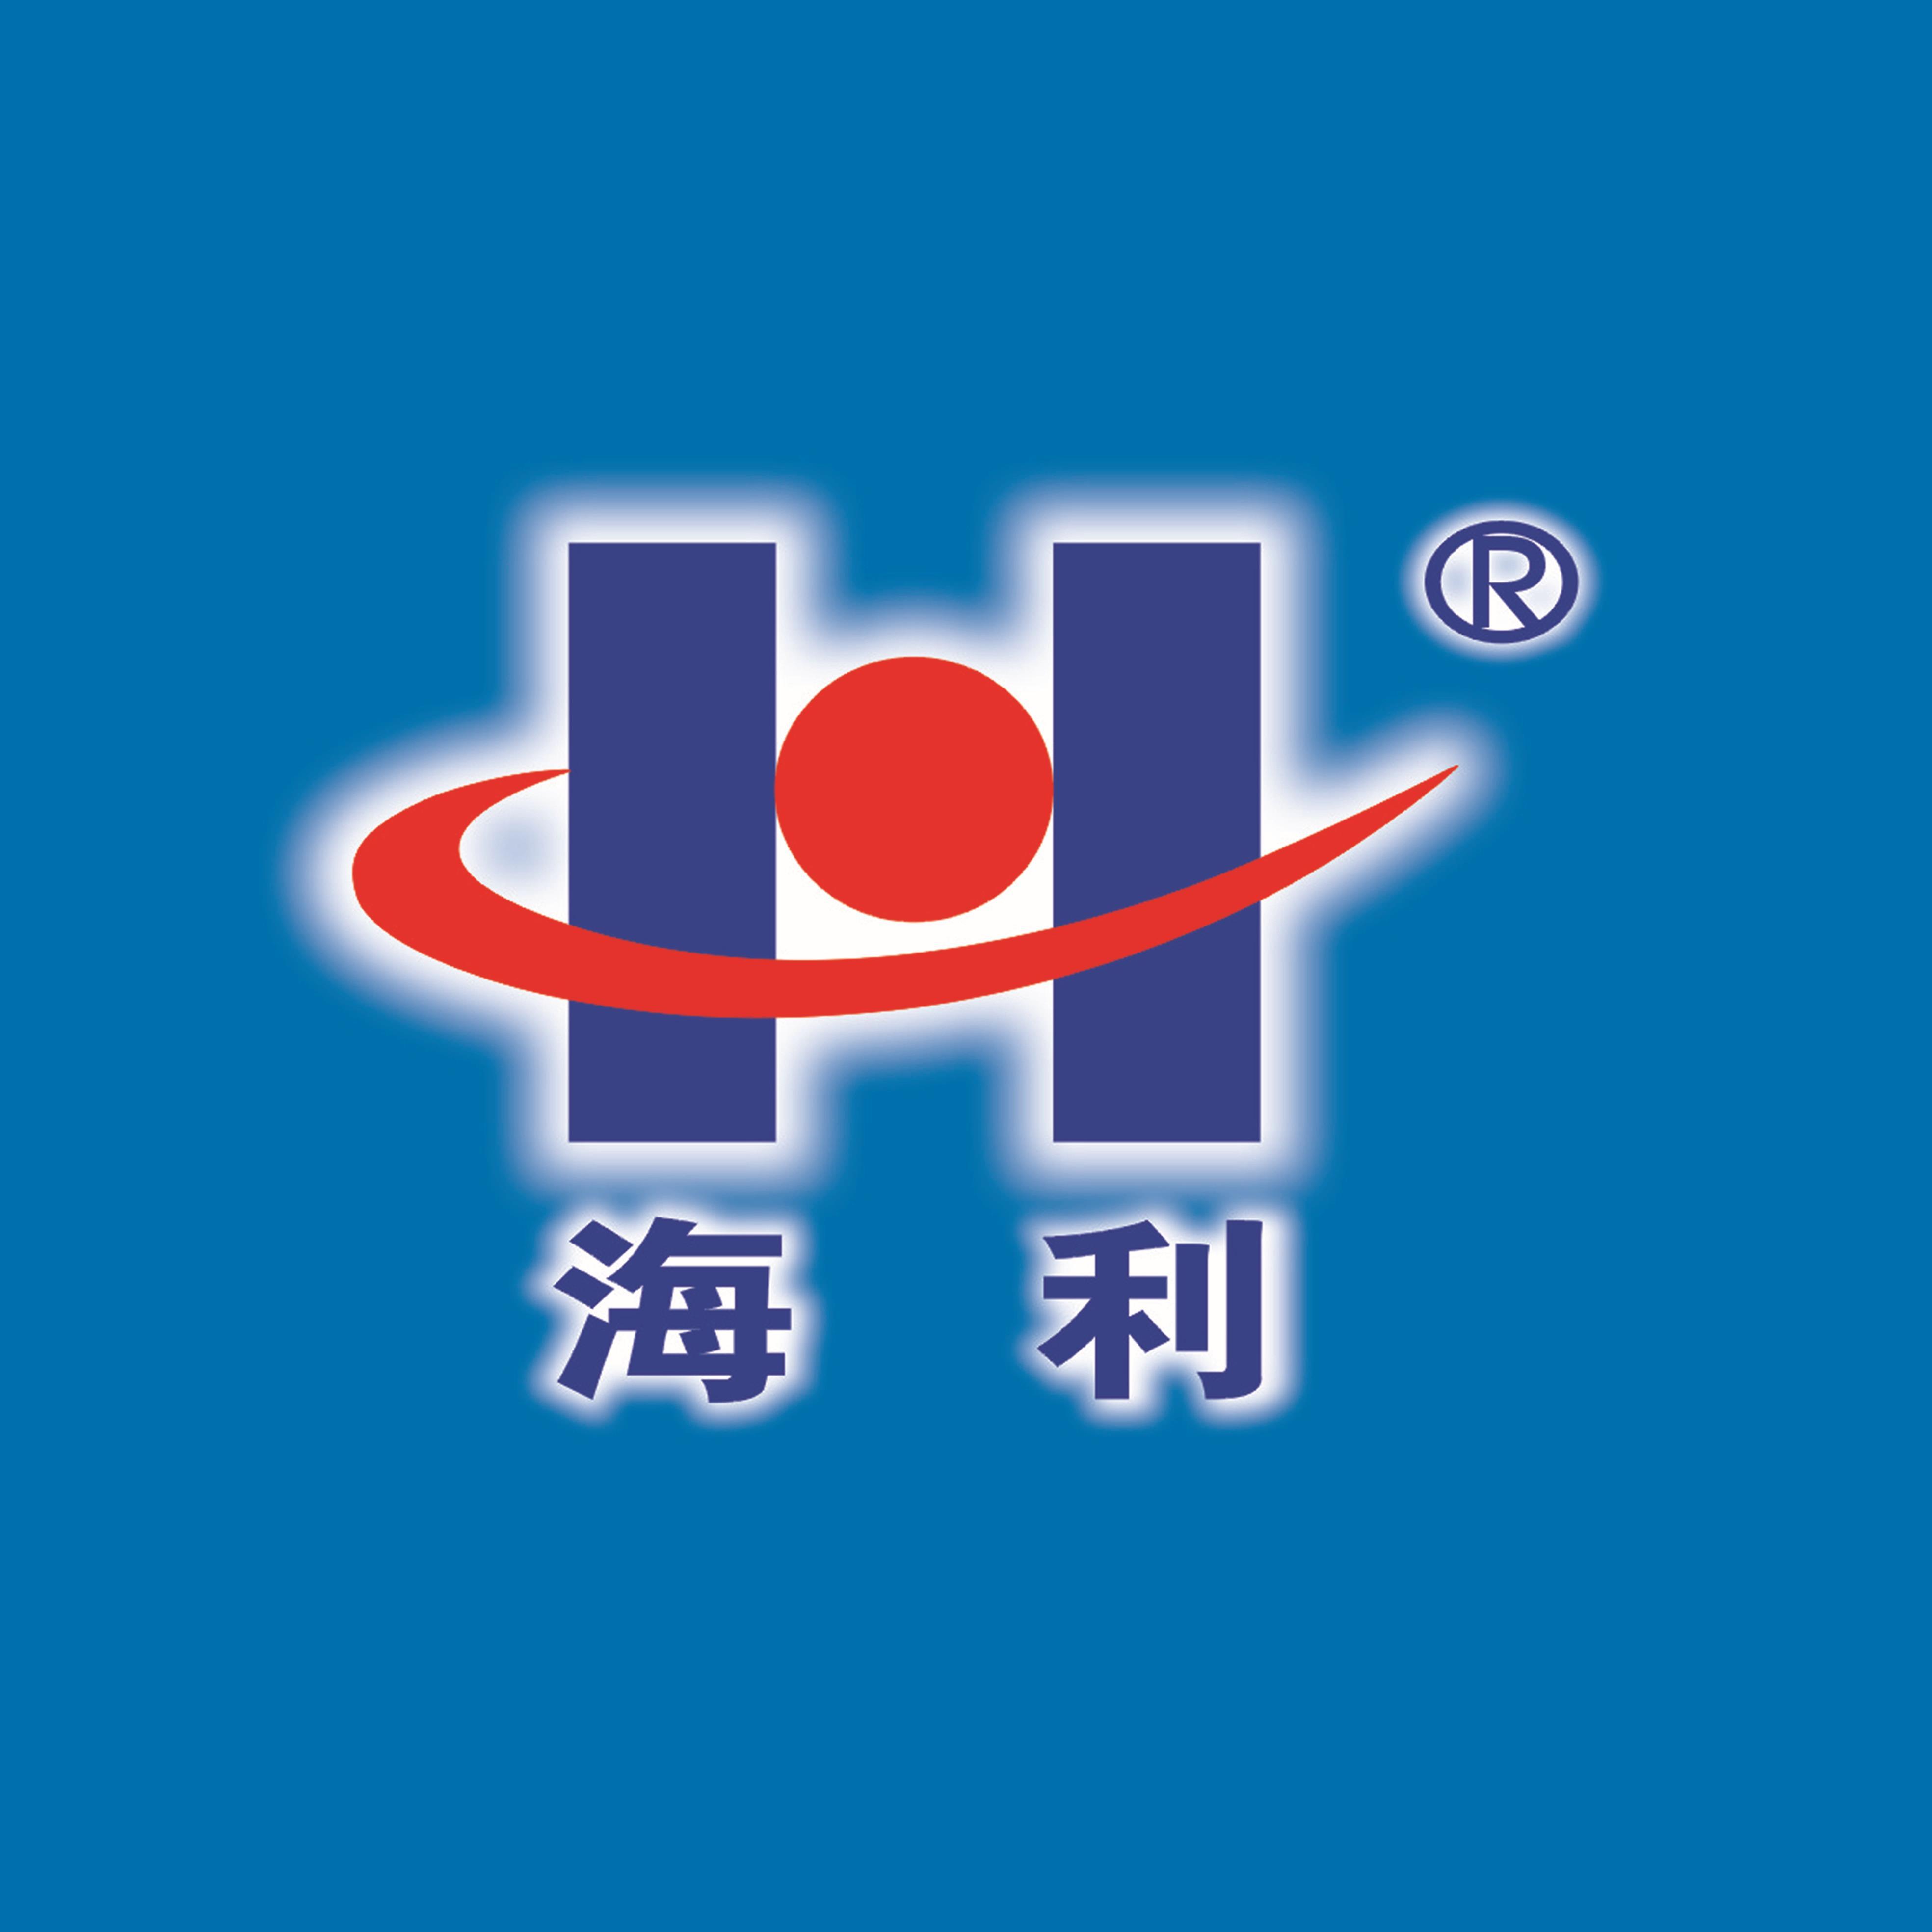 廣東興盈不銹鋼發展有限公司